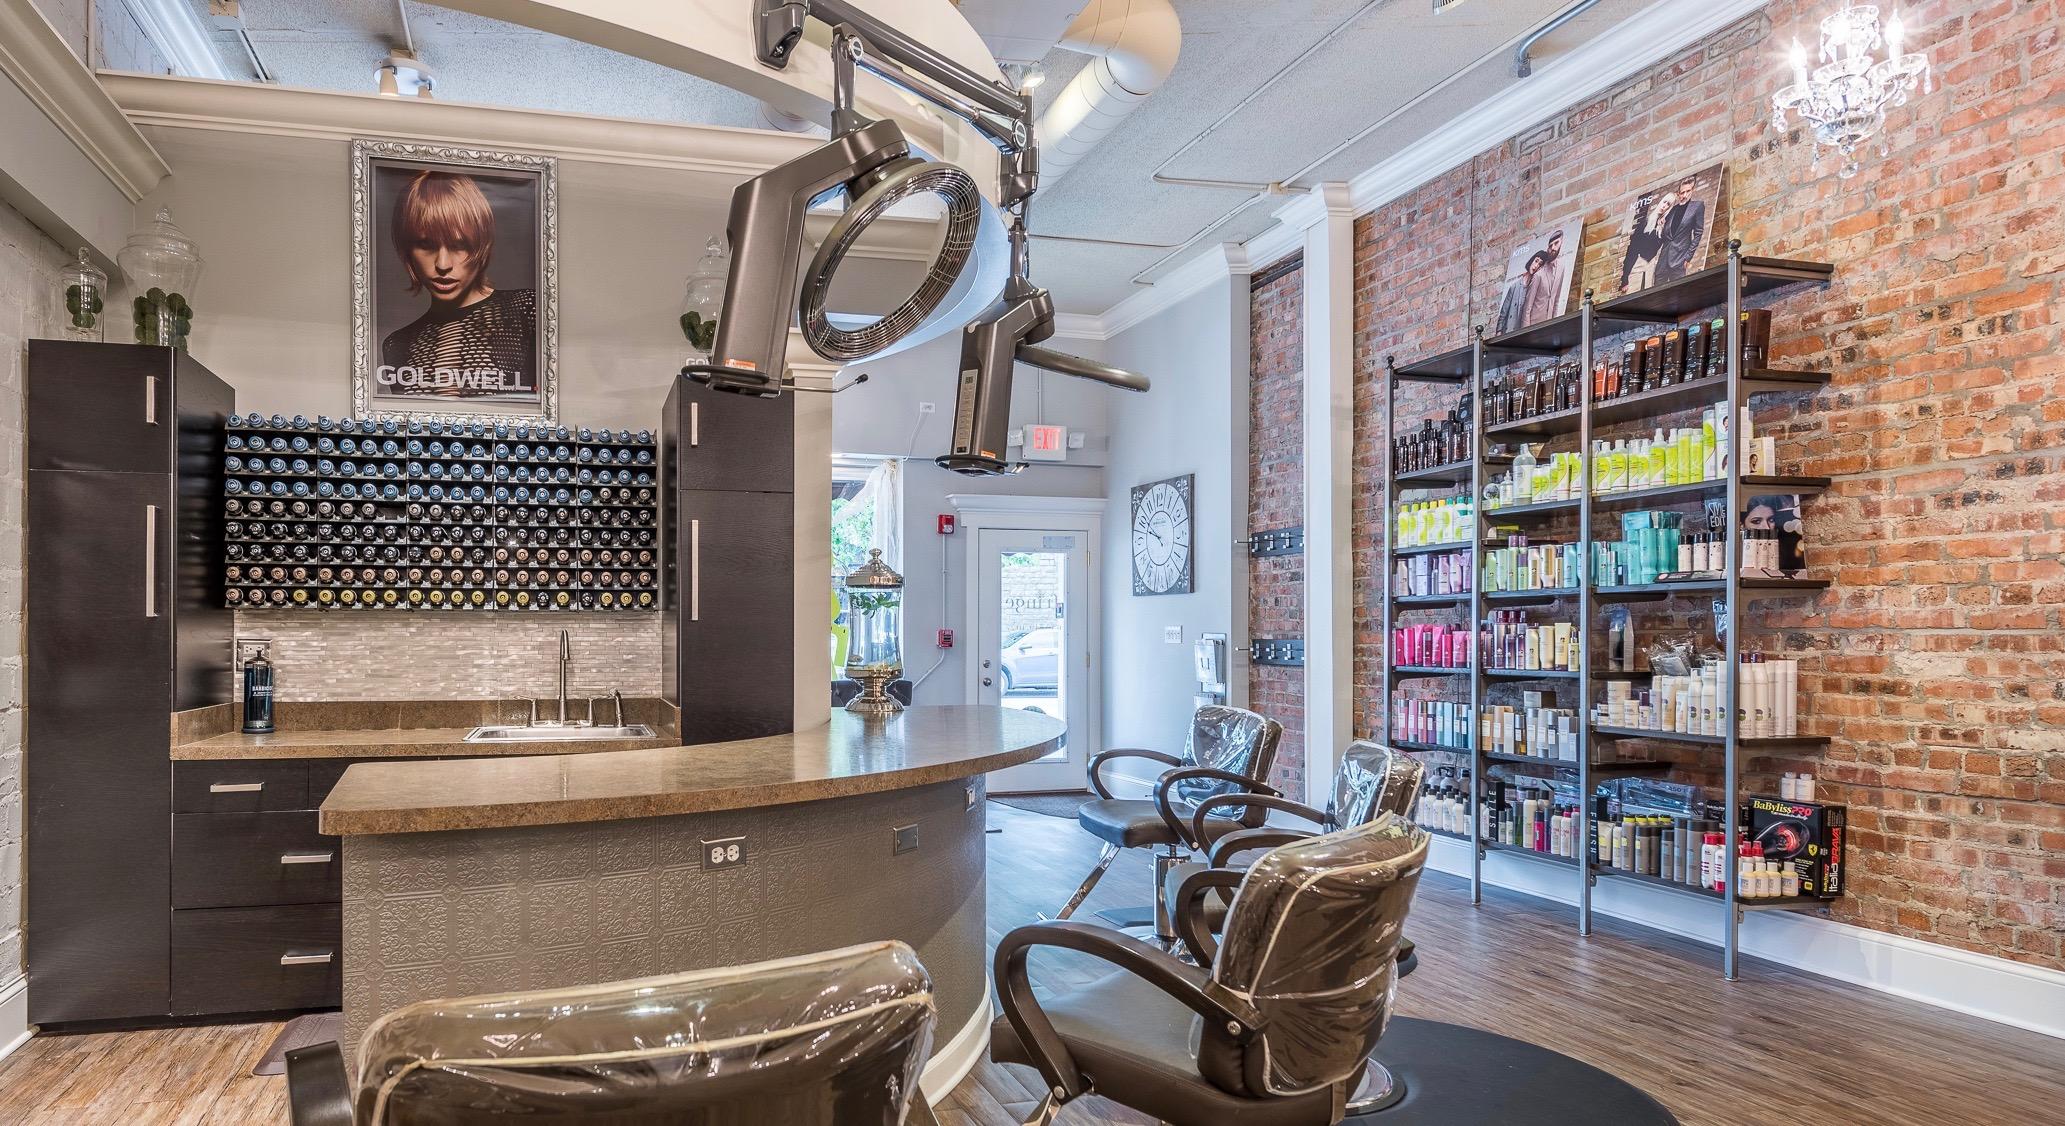 Fringe A Boutique Salon Lombard, IL